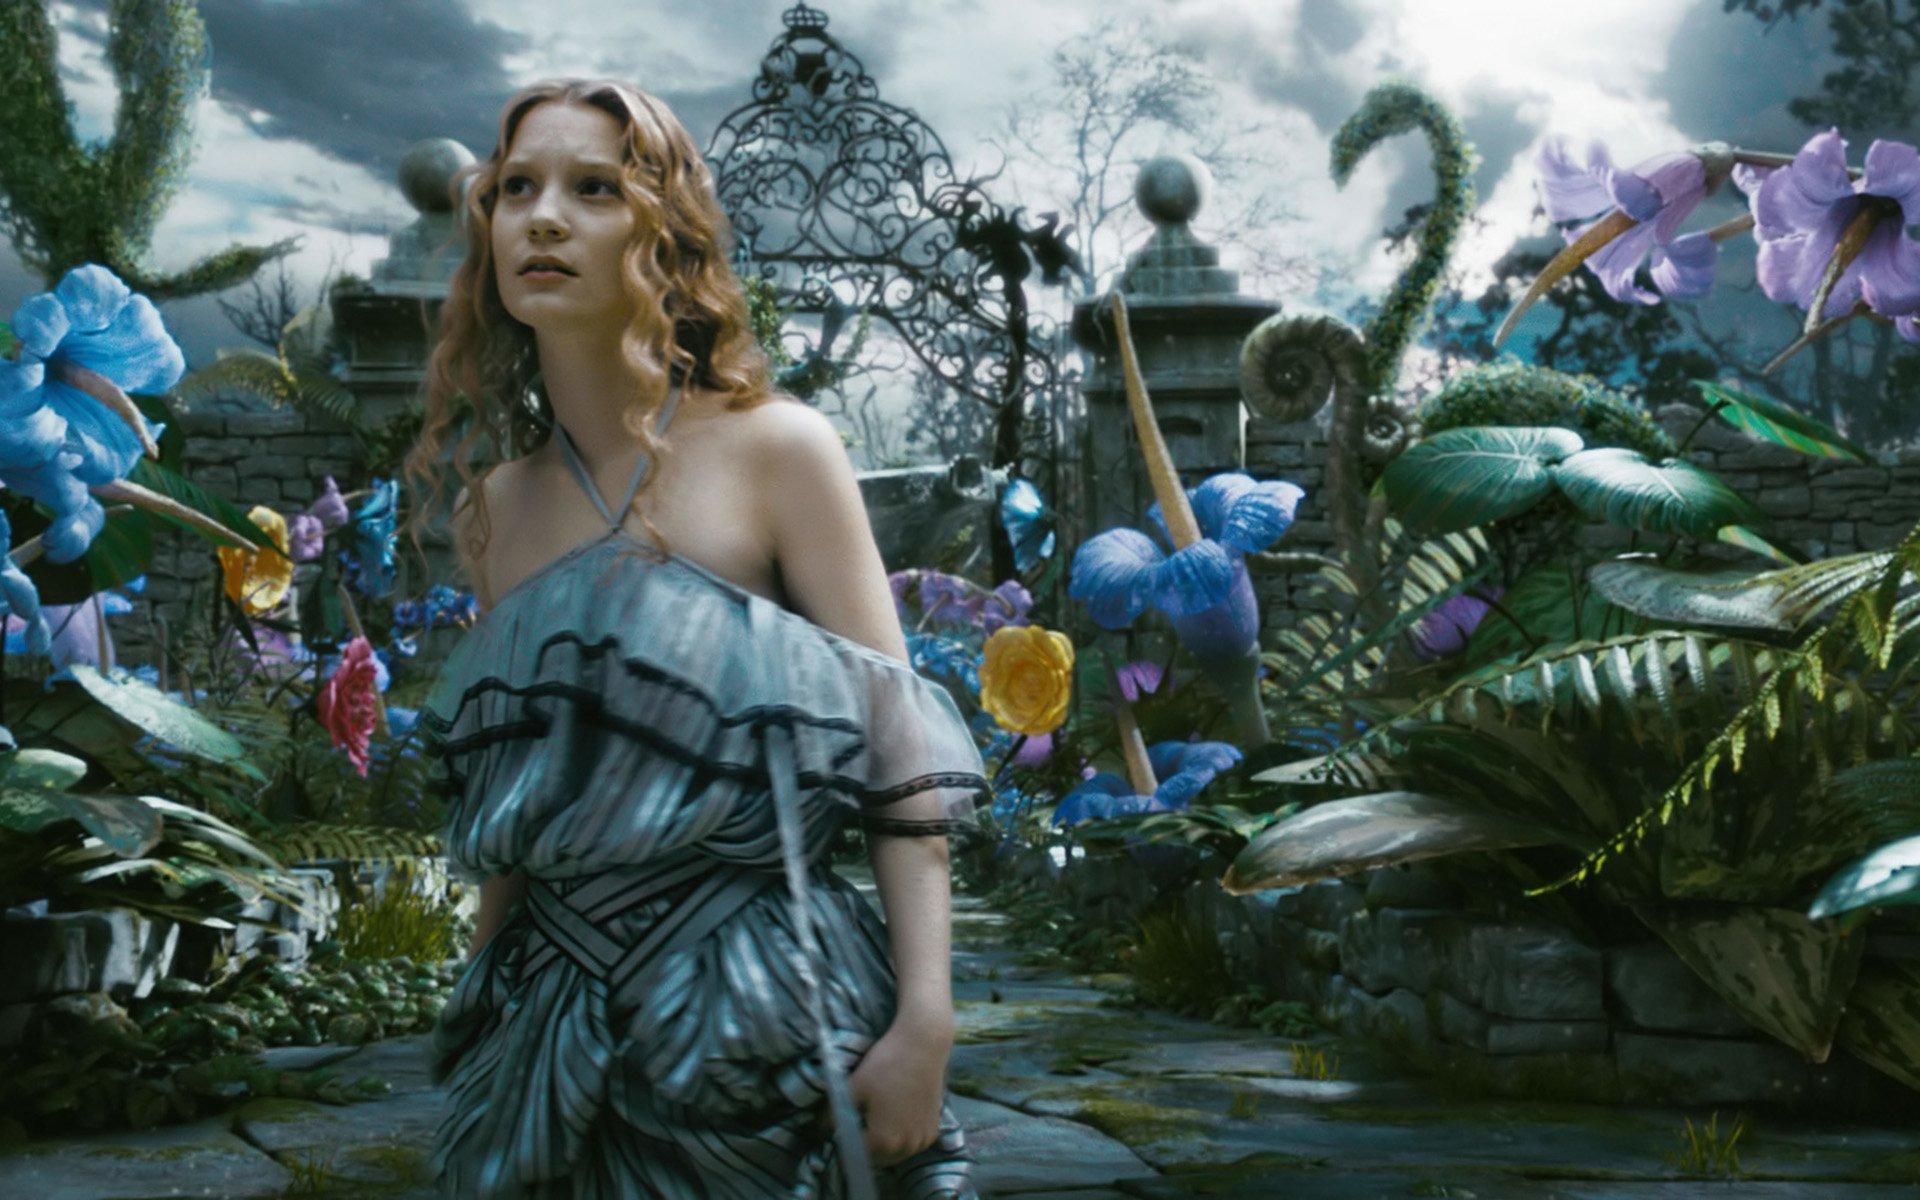 Alice Nos Pais Das Maravilhas Filme Online alice no país das maravilhas (2010) papel de parede hd